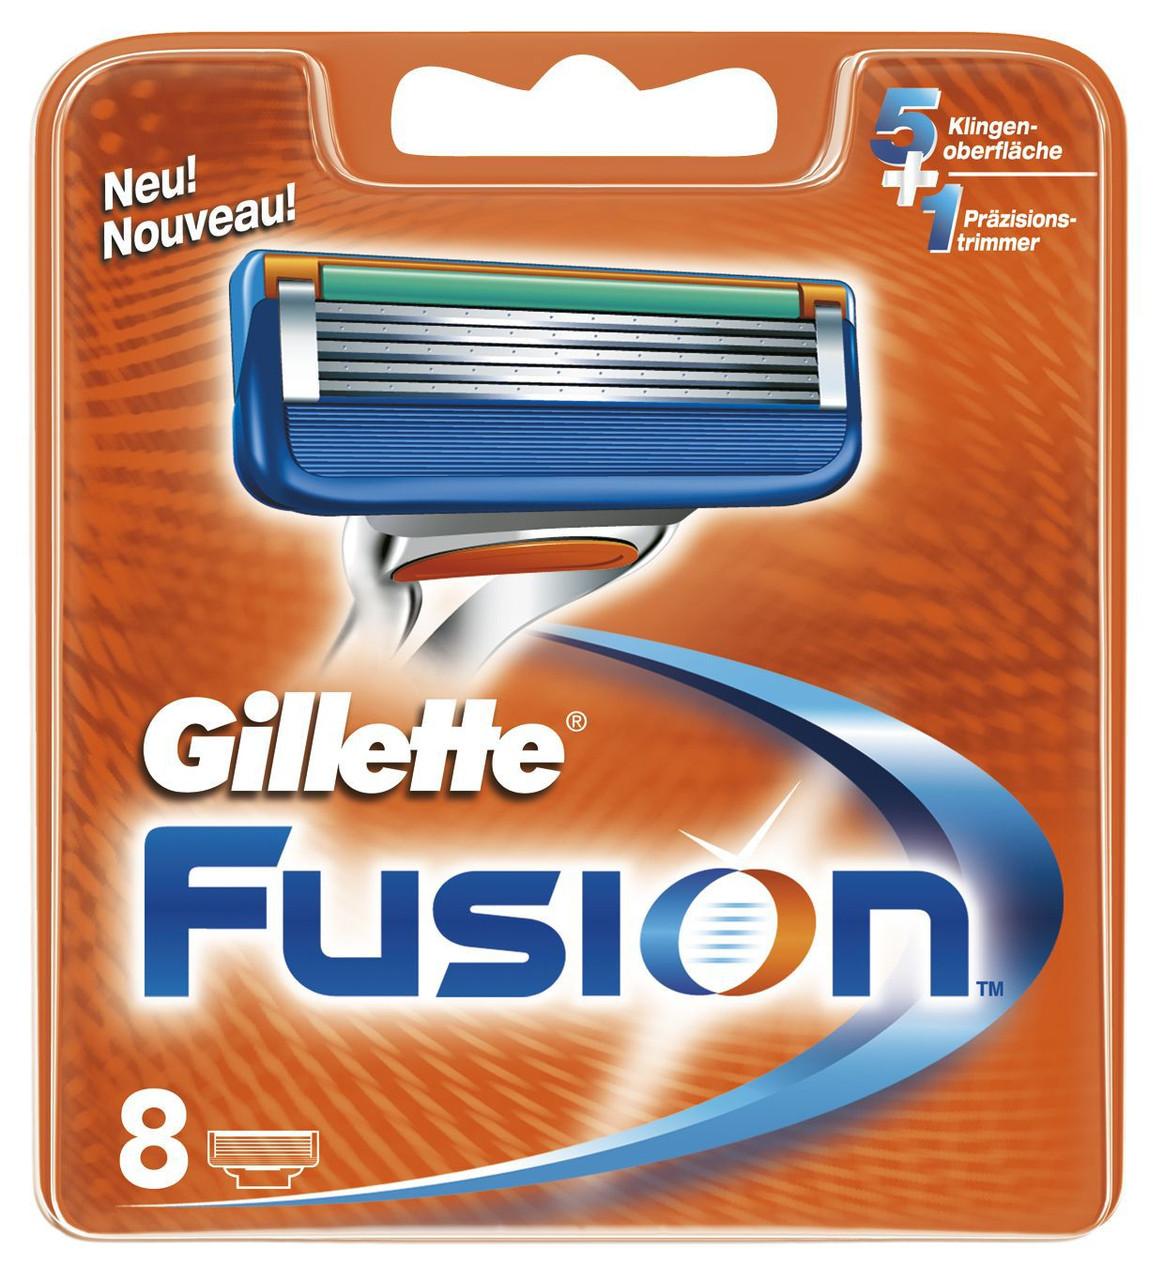 Картриджи Gillette Fusion 8's лезвия Китай